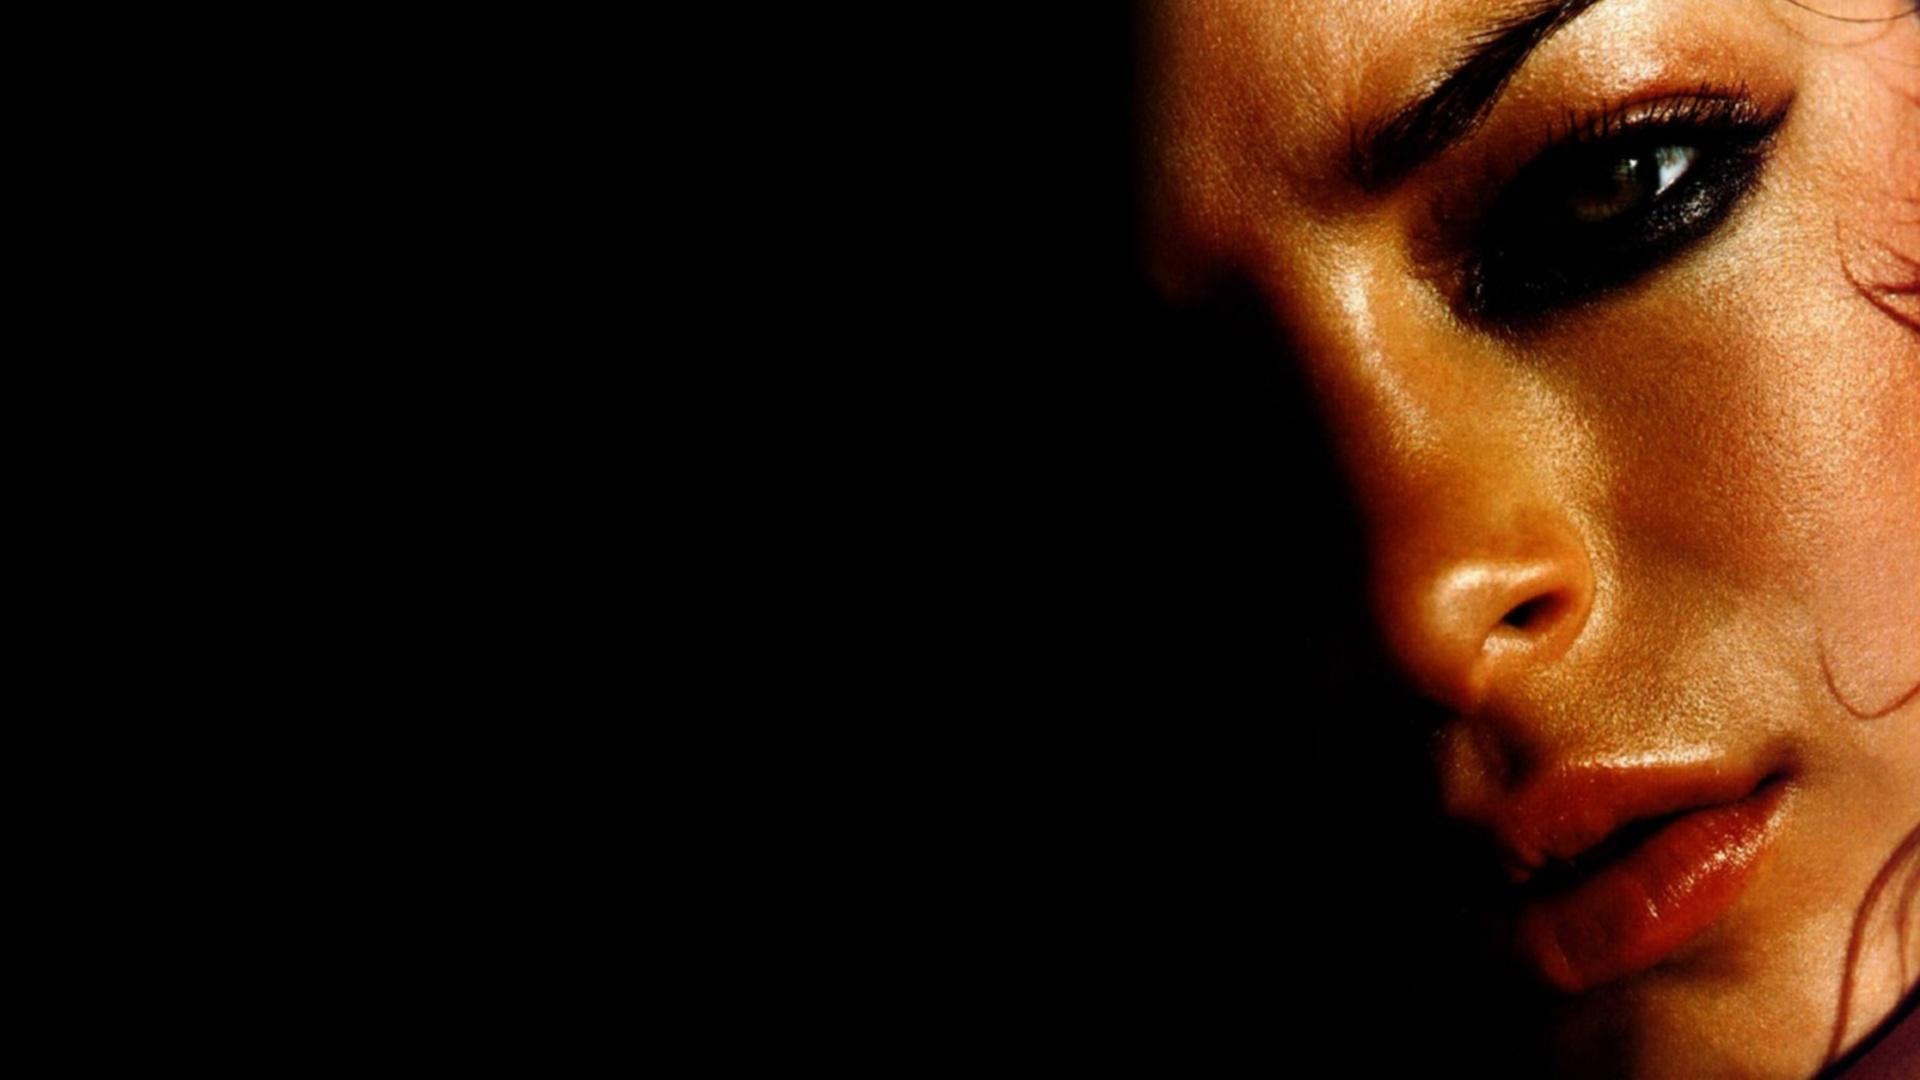 Слезинка на лице девушки  № 1423035 бесплатно